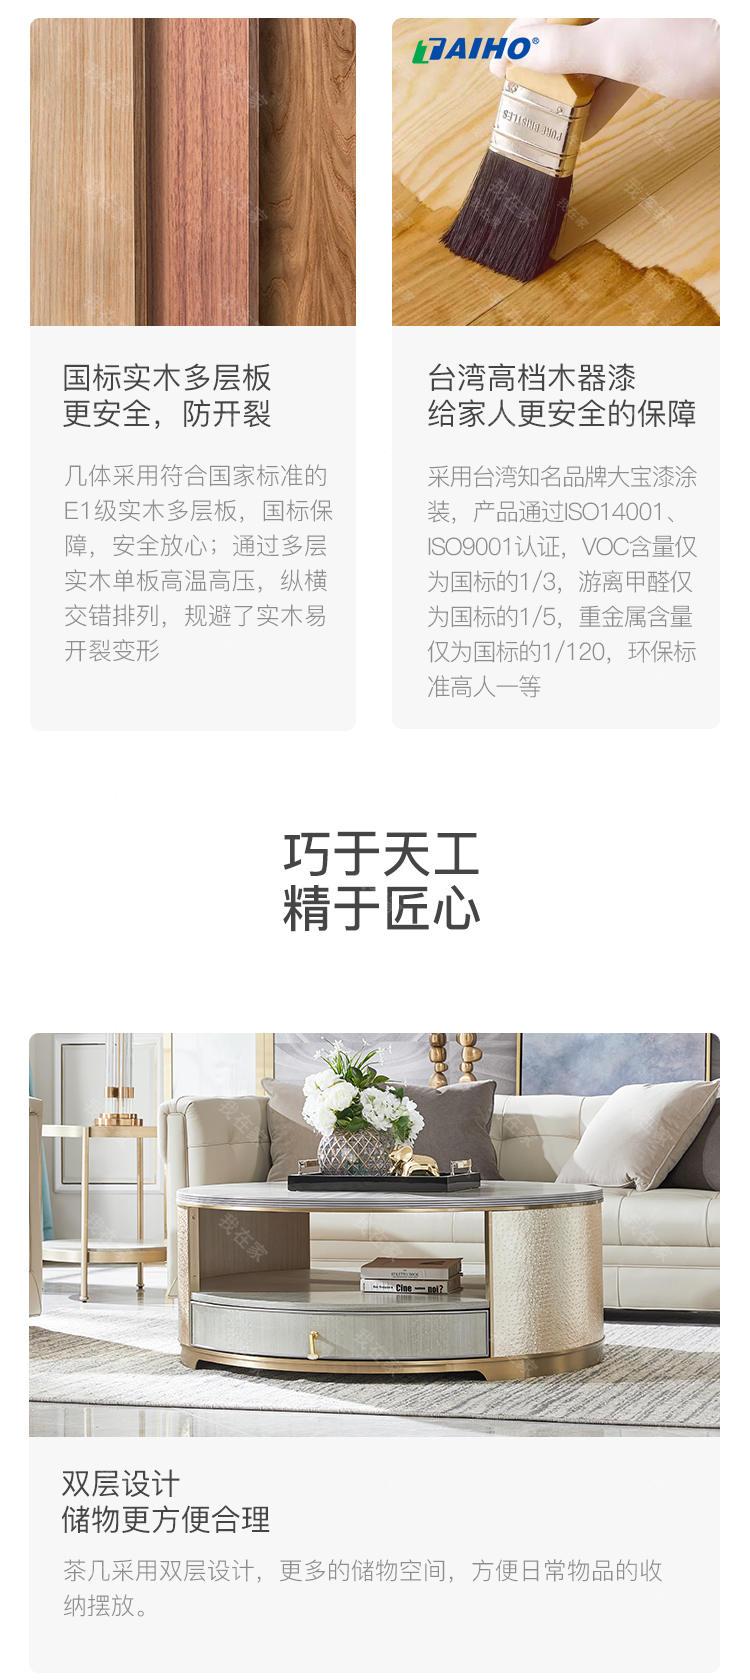 轻奢美式风格蒂娜茶几的家具详细介绍